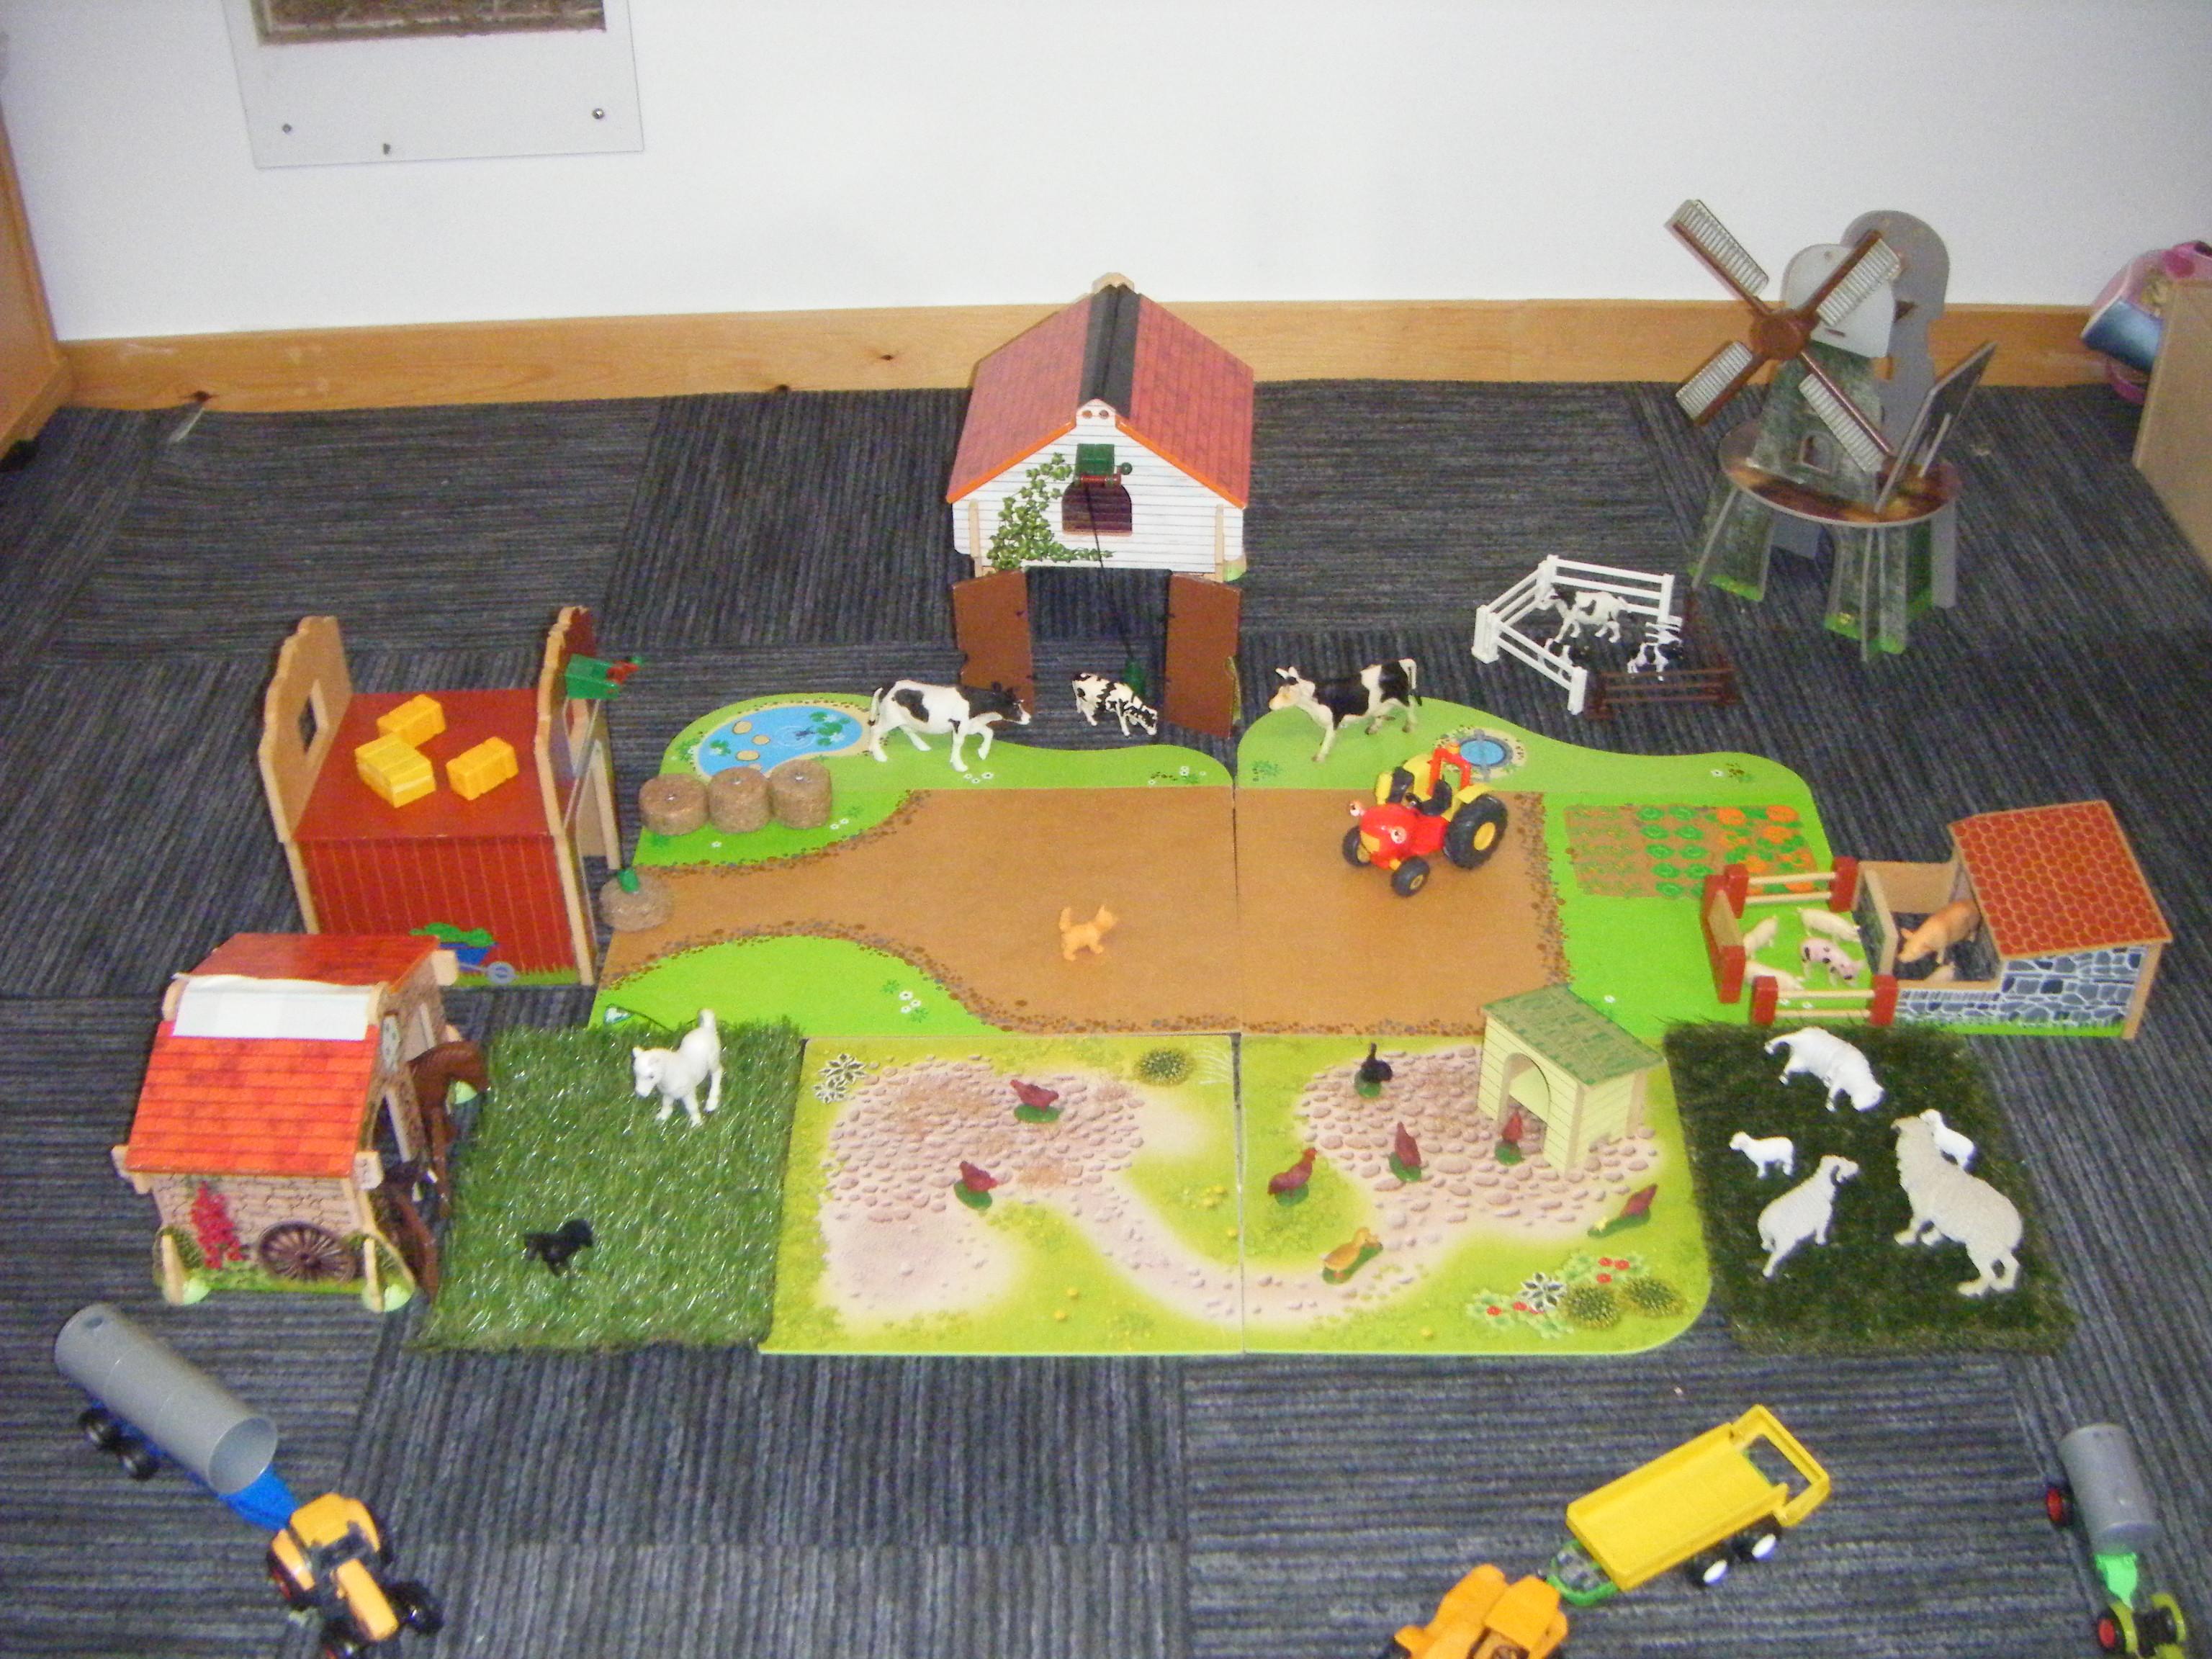 Farm yard - small world play